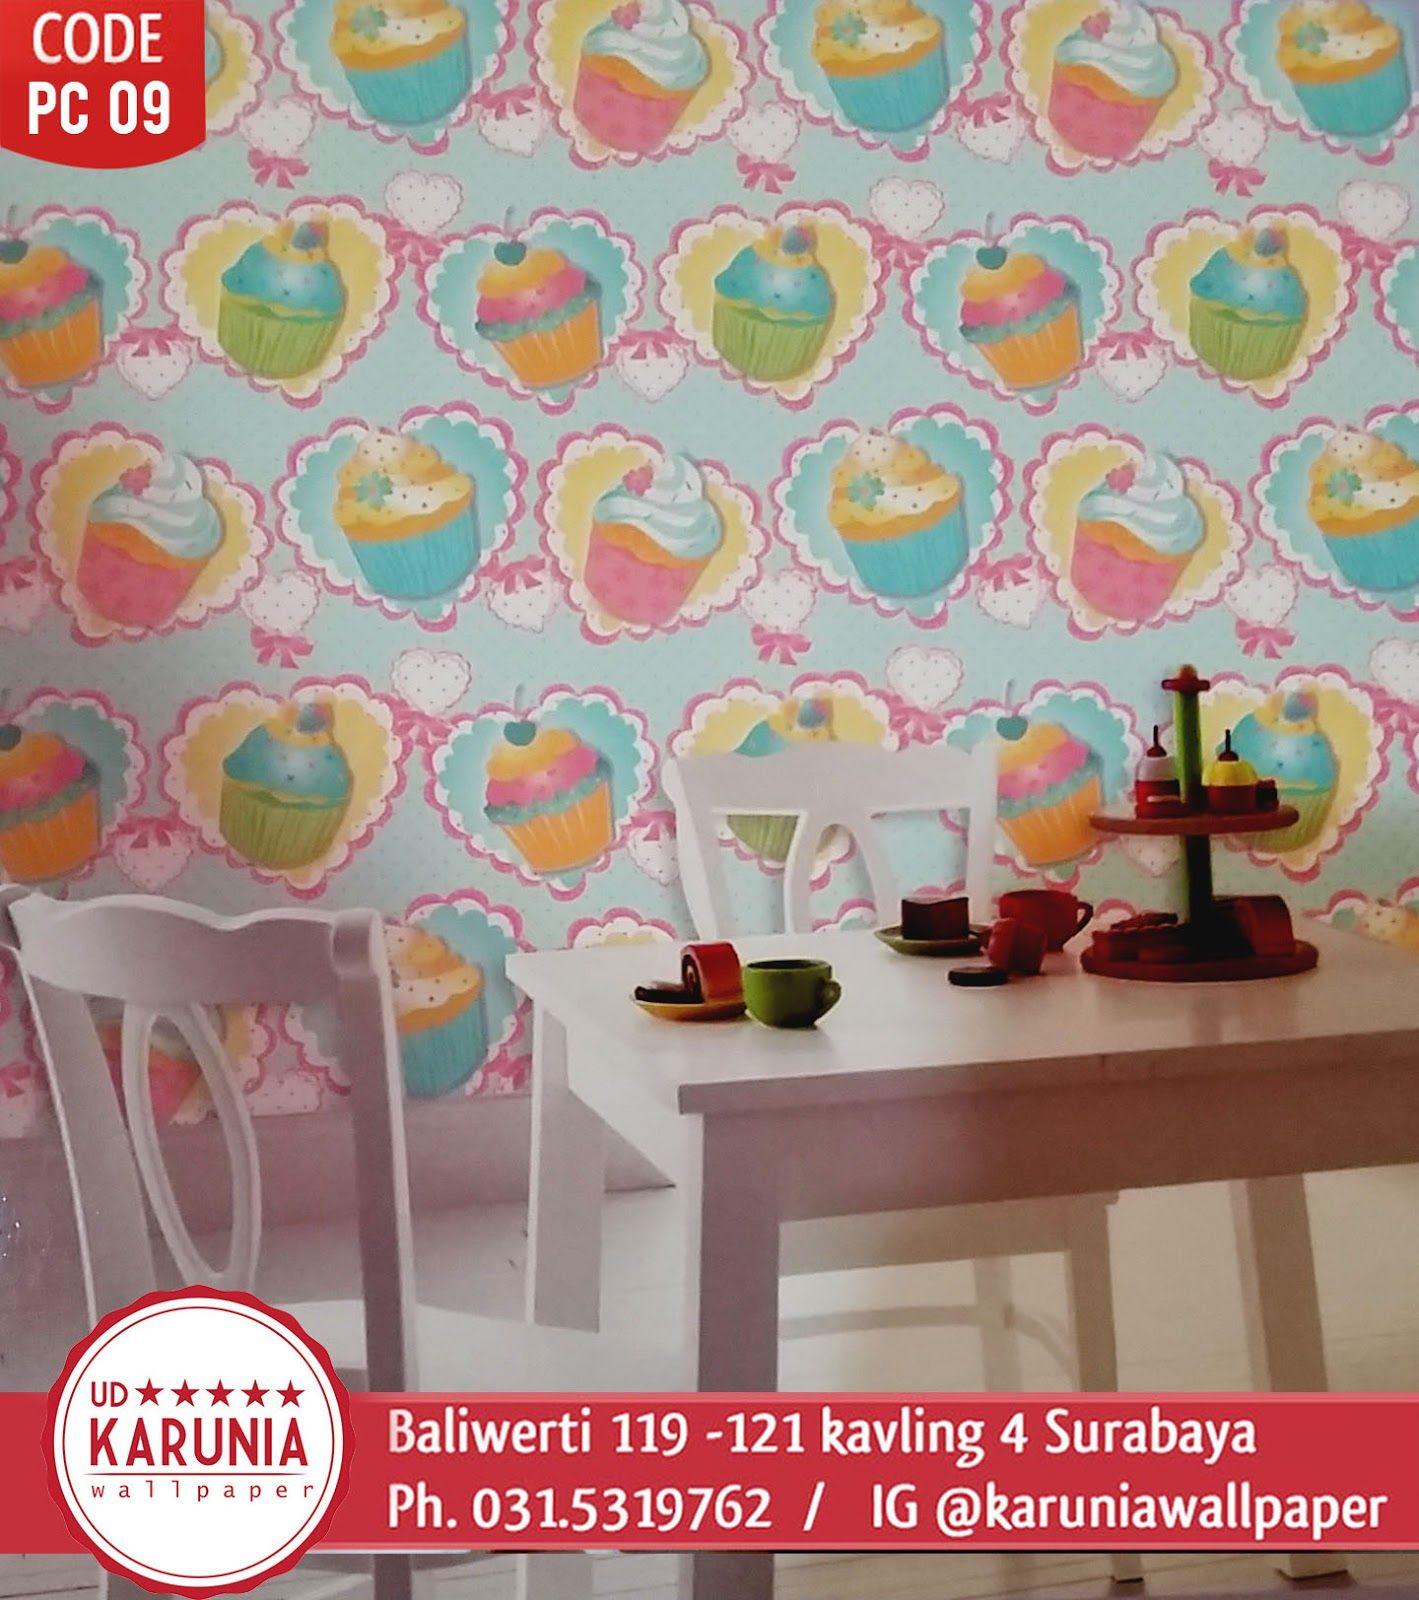 Jual Wallpaper Dinding Anak Princess Disney Lucu Pink Karunia